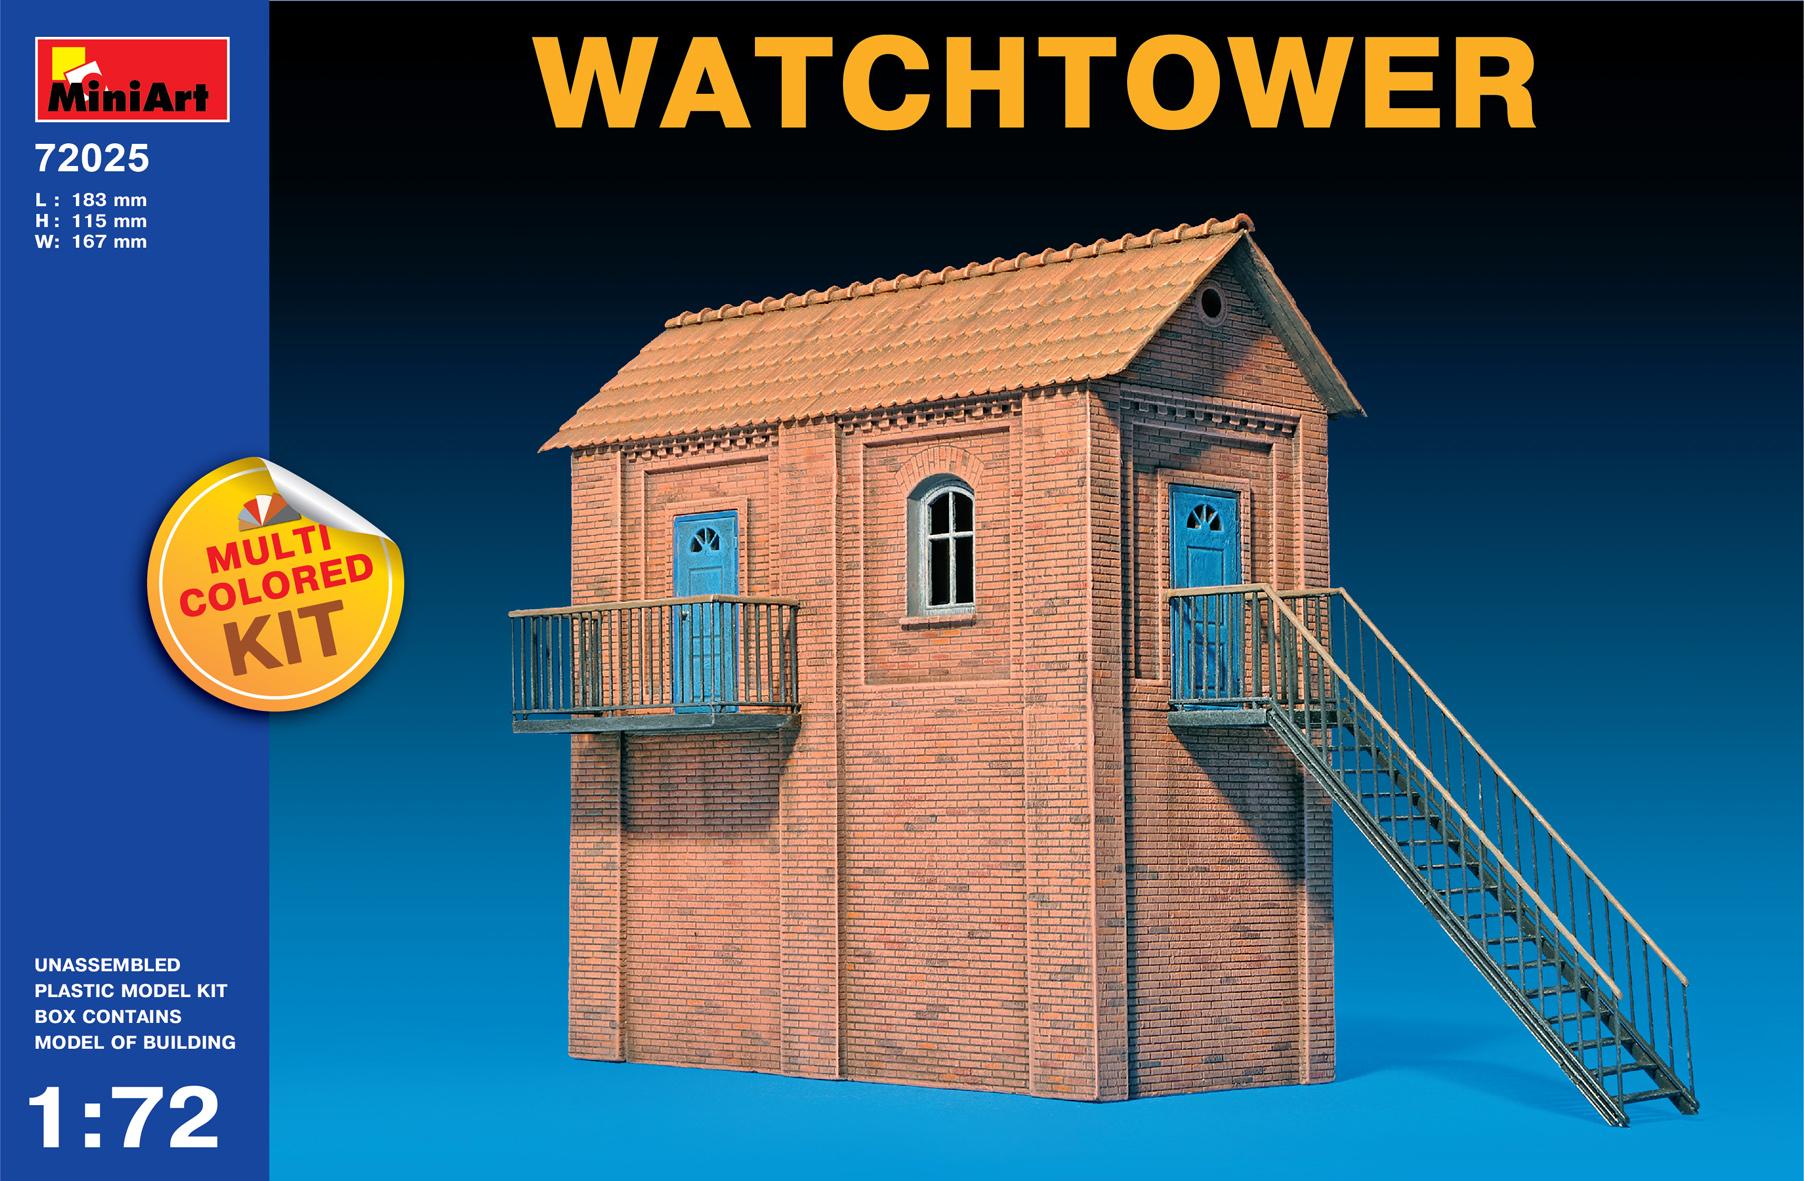 72025 WATCHTOWER